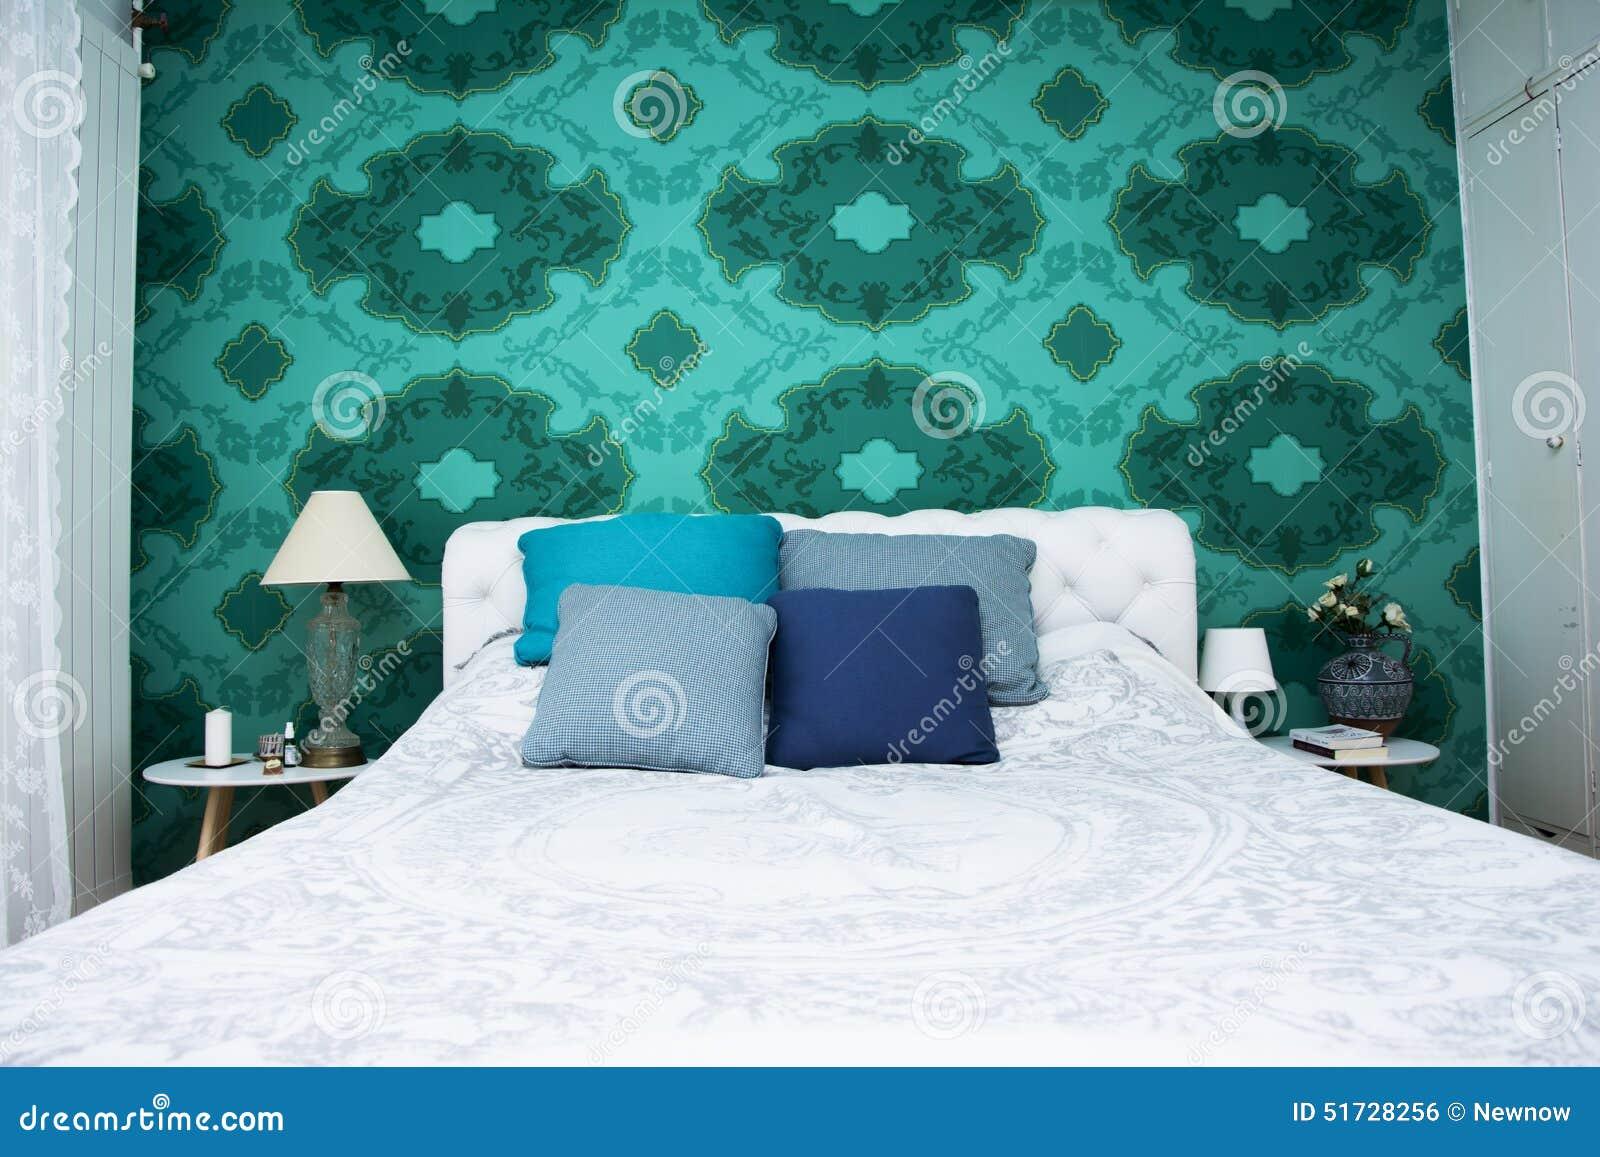 Camere Da Letto Turchese : Camera da letto del blu e di bianco di turchese fotografia stock